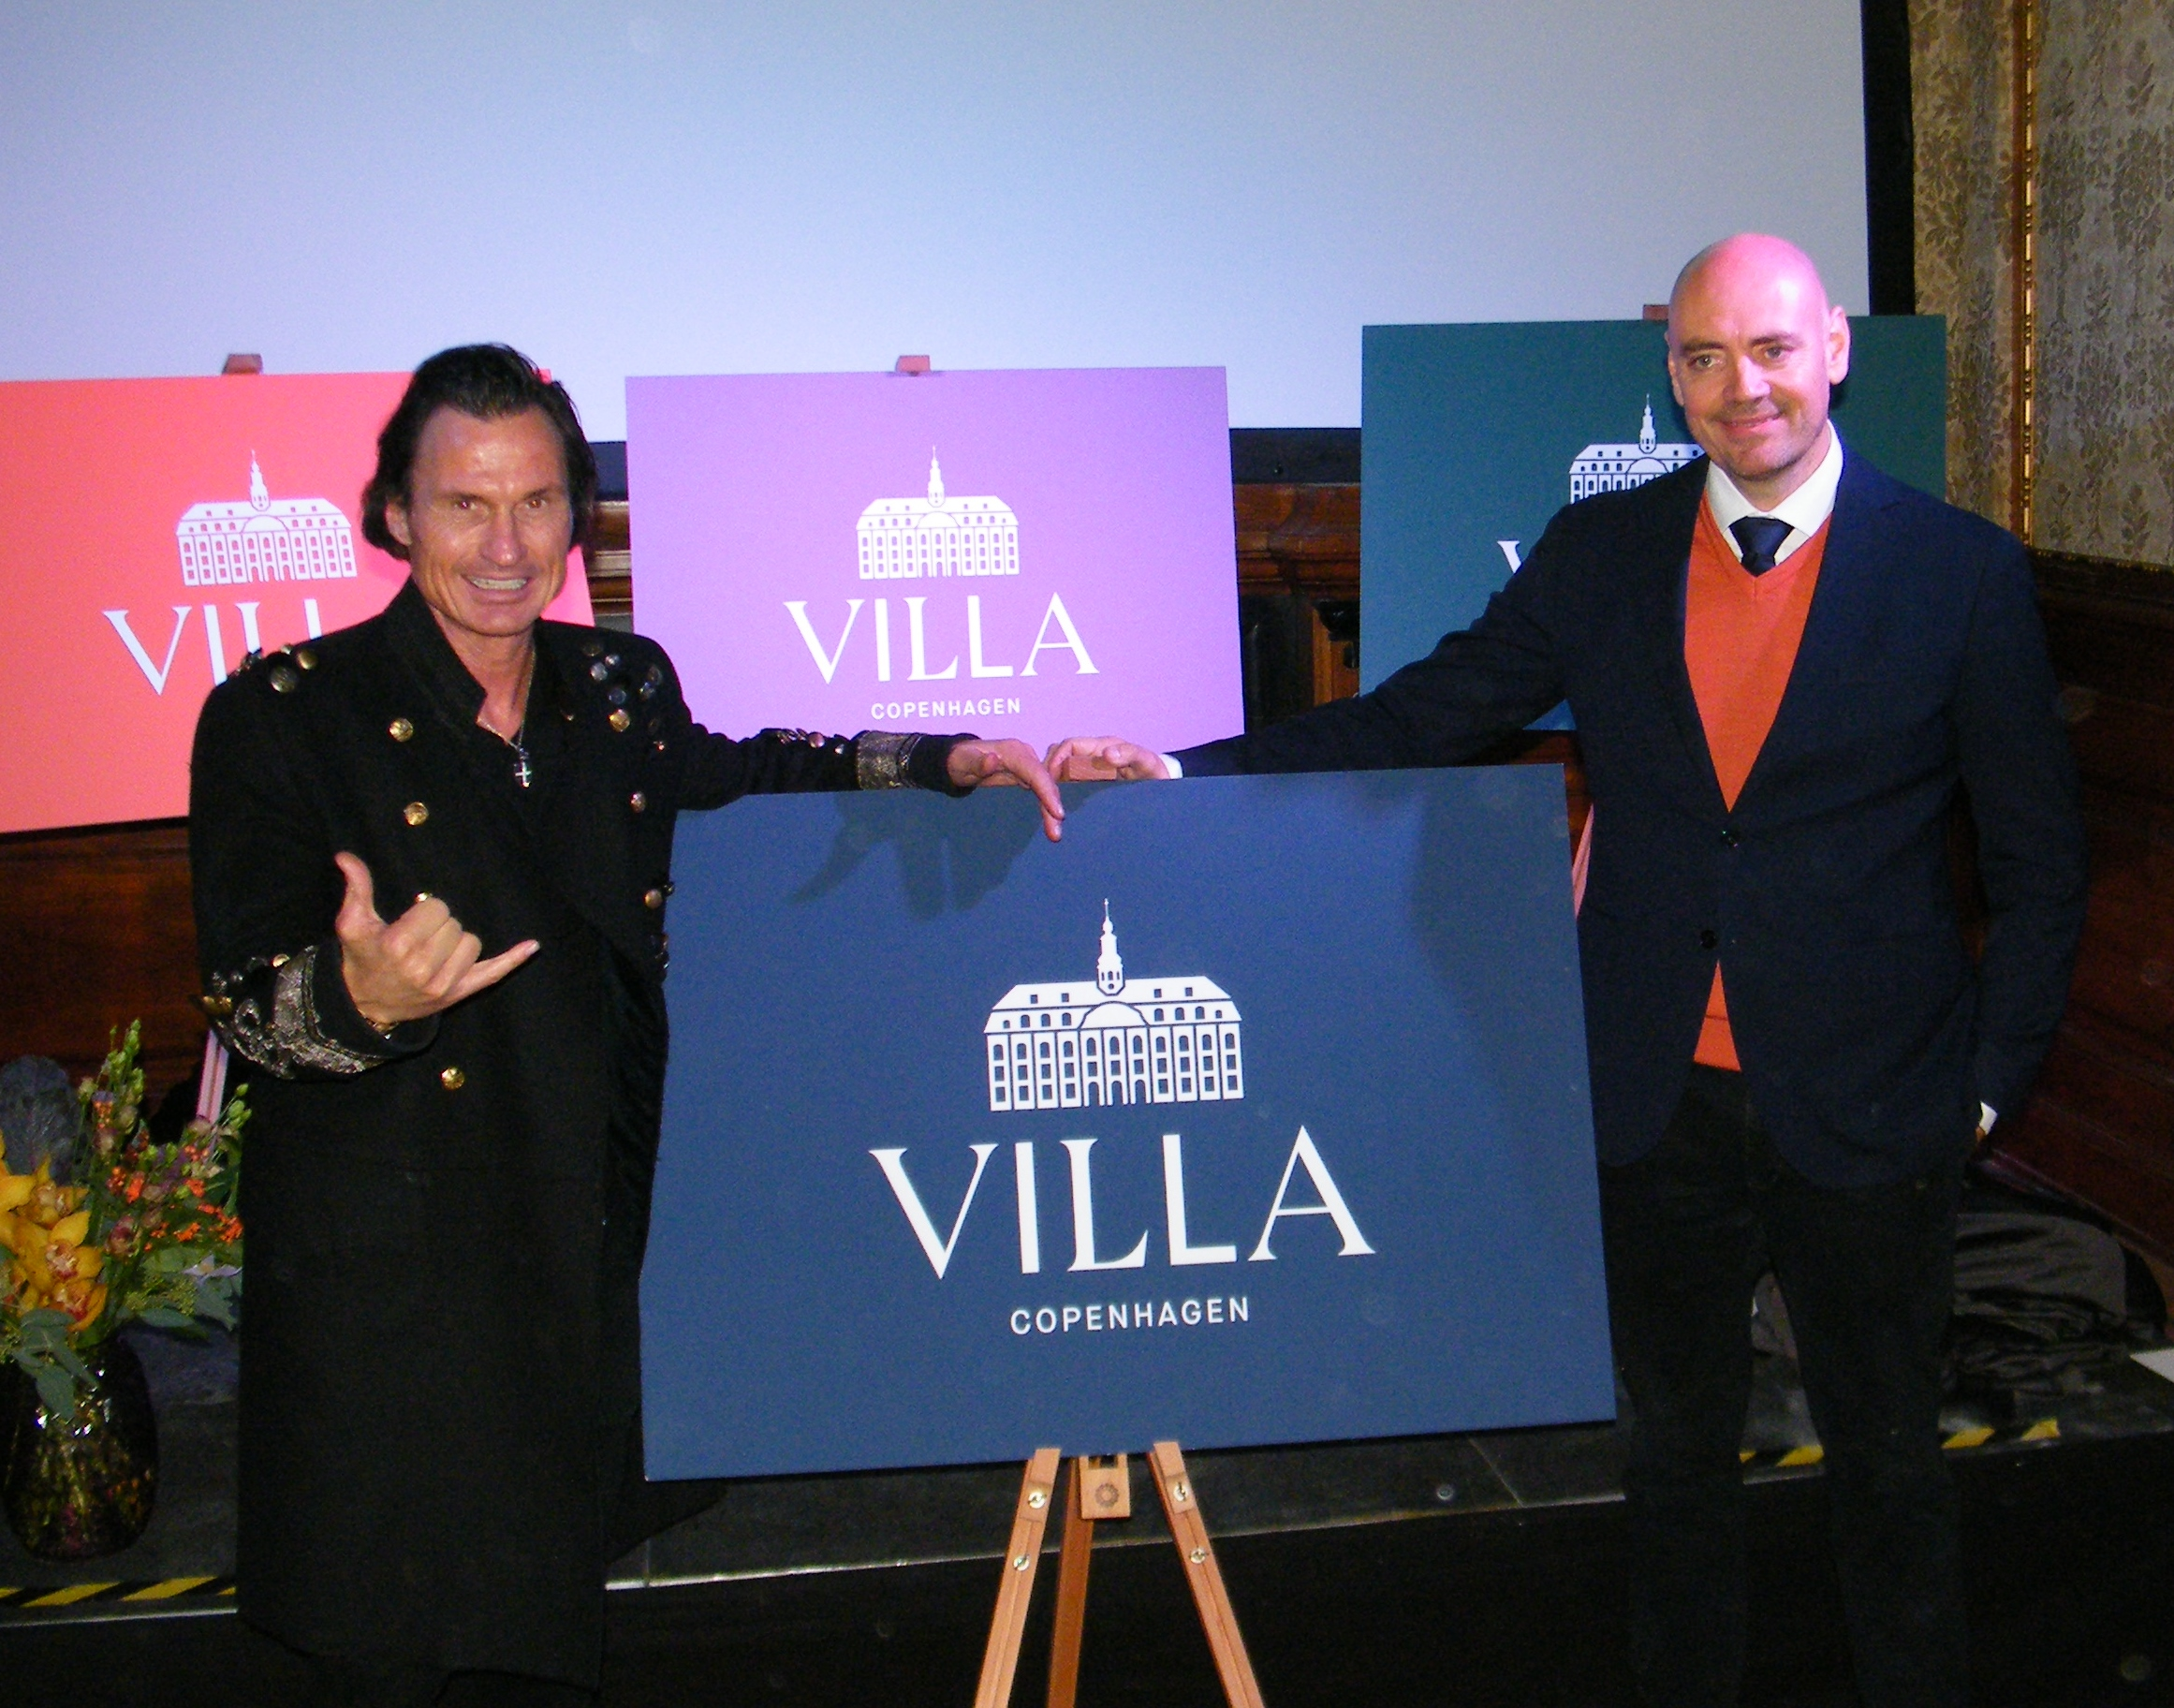 Ejer af Nordic Choice Hotels, Petter Stordalen, til venstre, ved onsdagens præsentation af Villa Copenhagen sammen med hotellets direktør, Peter Høgh Pedersen. Foto: Henrik Baumgarten.